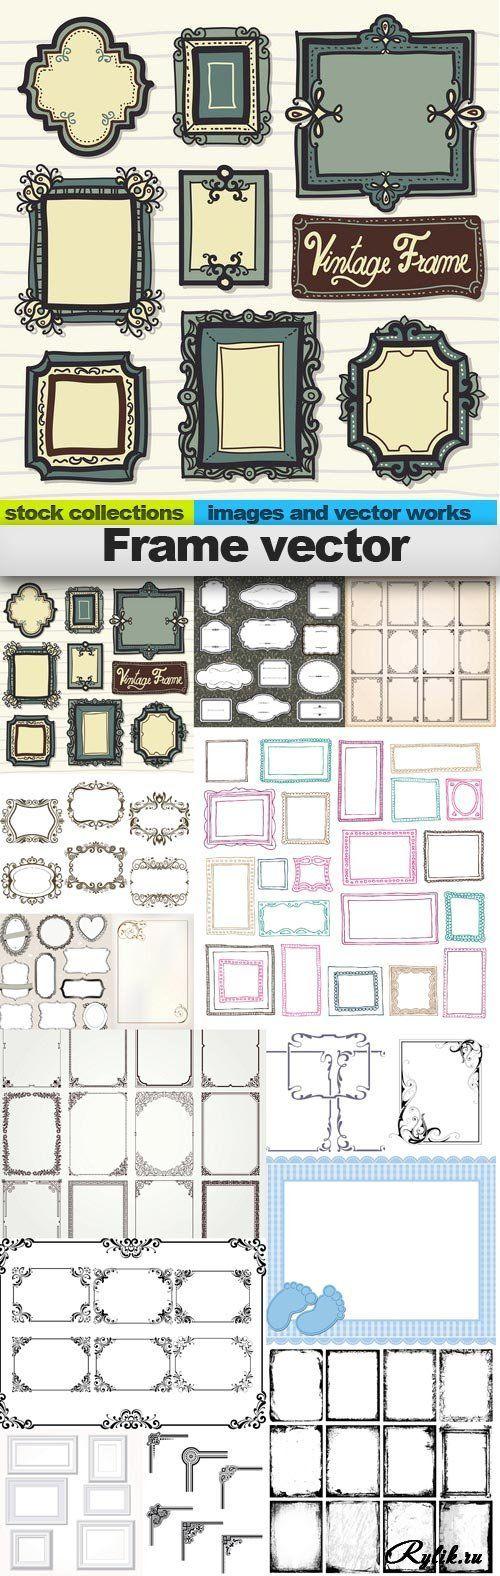 Рамки разных форм в векторе. Frame vector